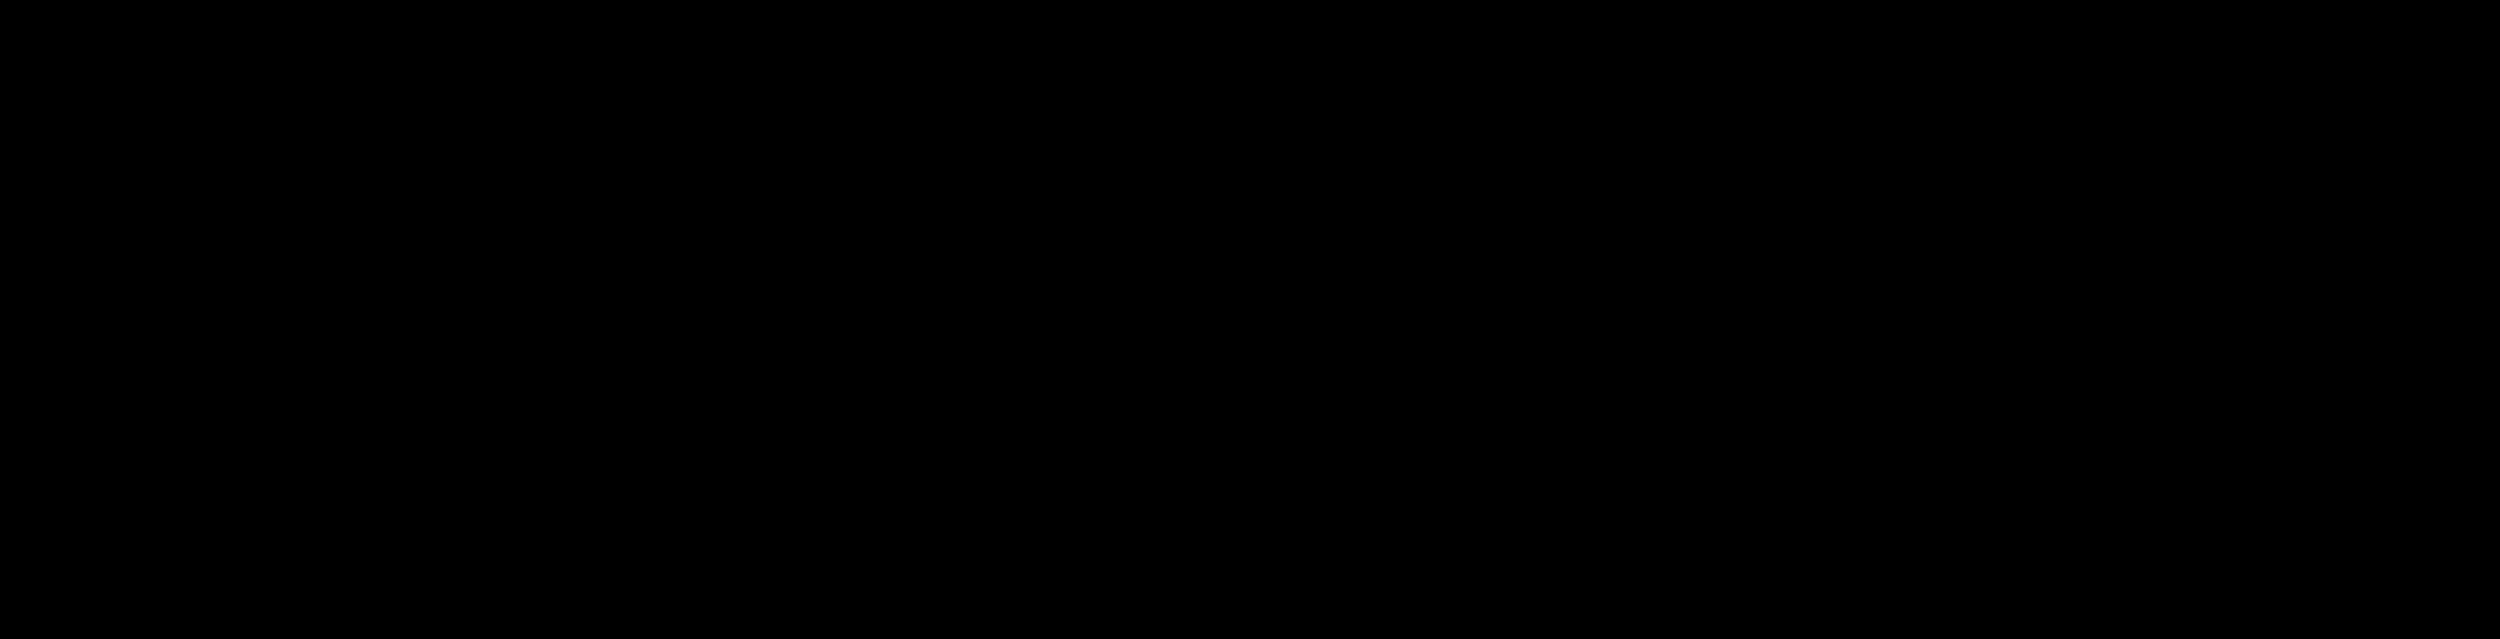 napavalleyregister.com.png